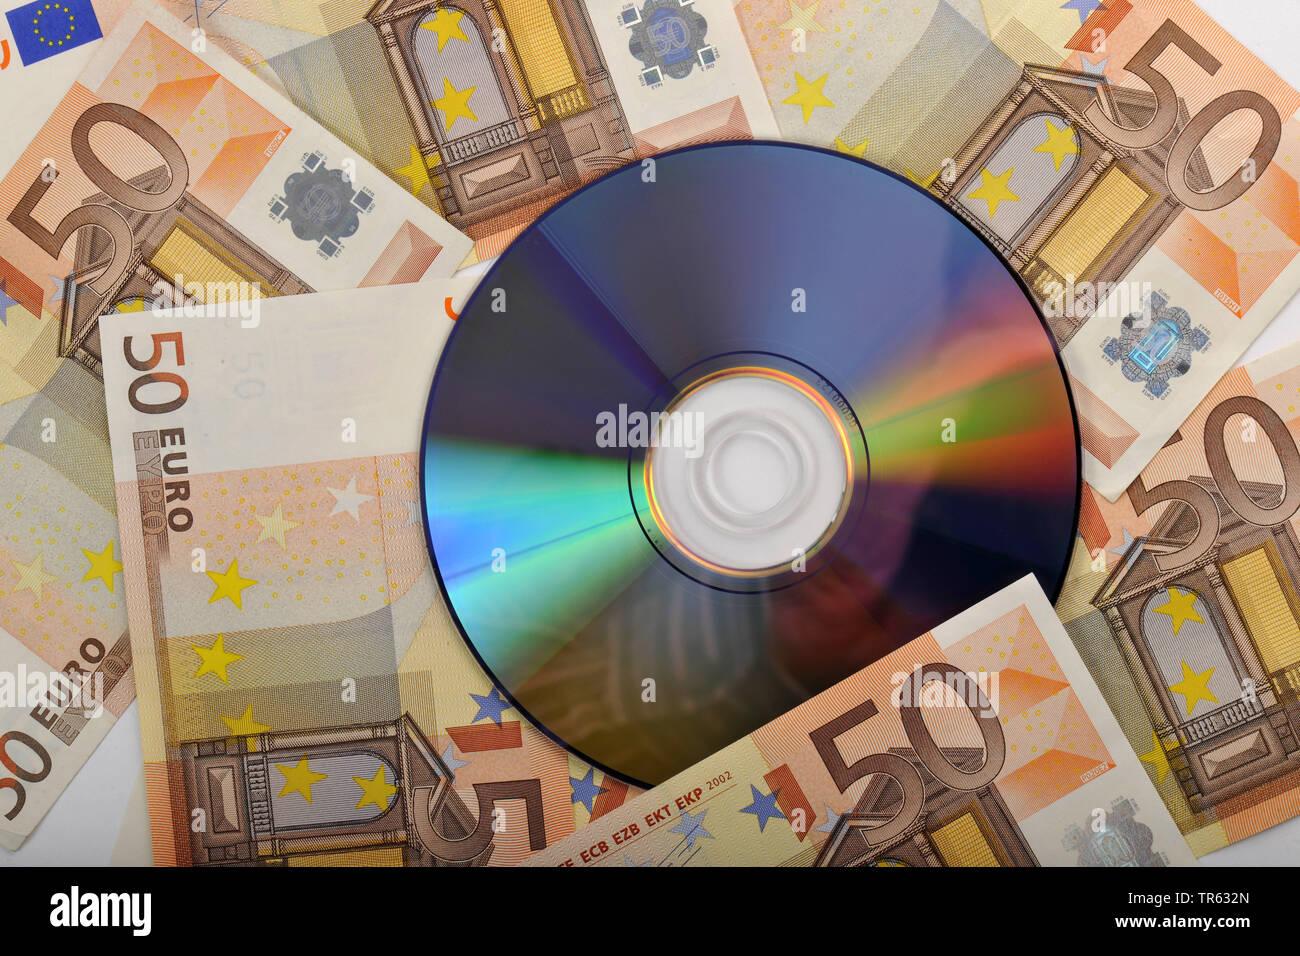 La evasión de impuestos, CD con billetes de euro, Alemania Foto de stock